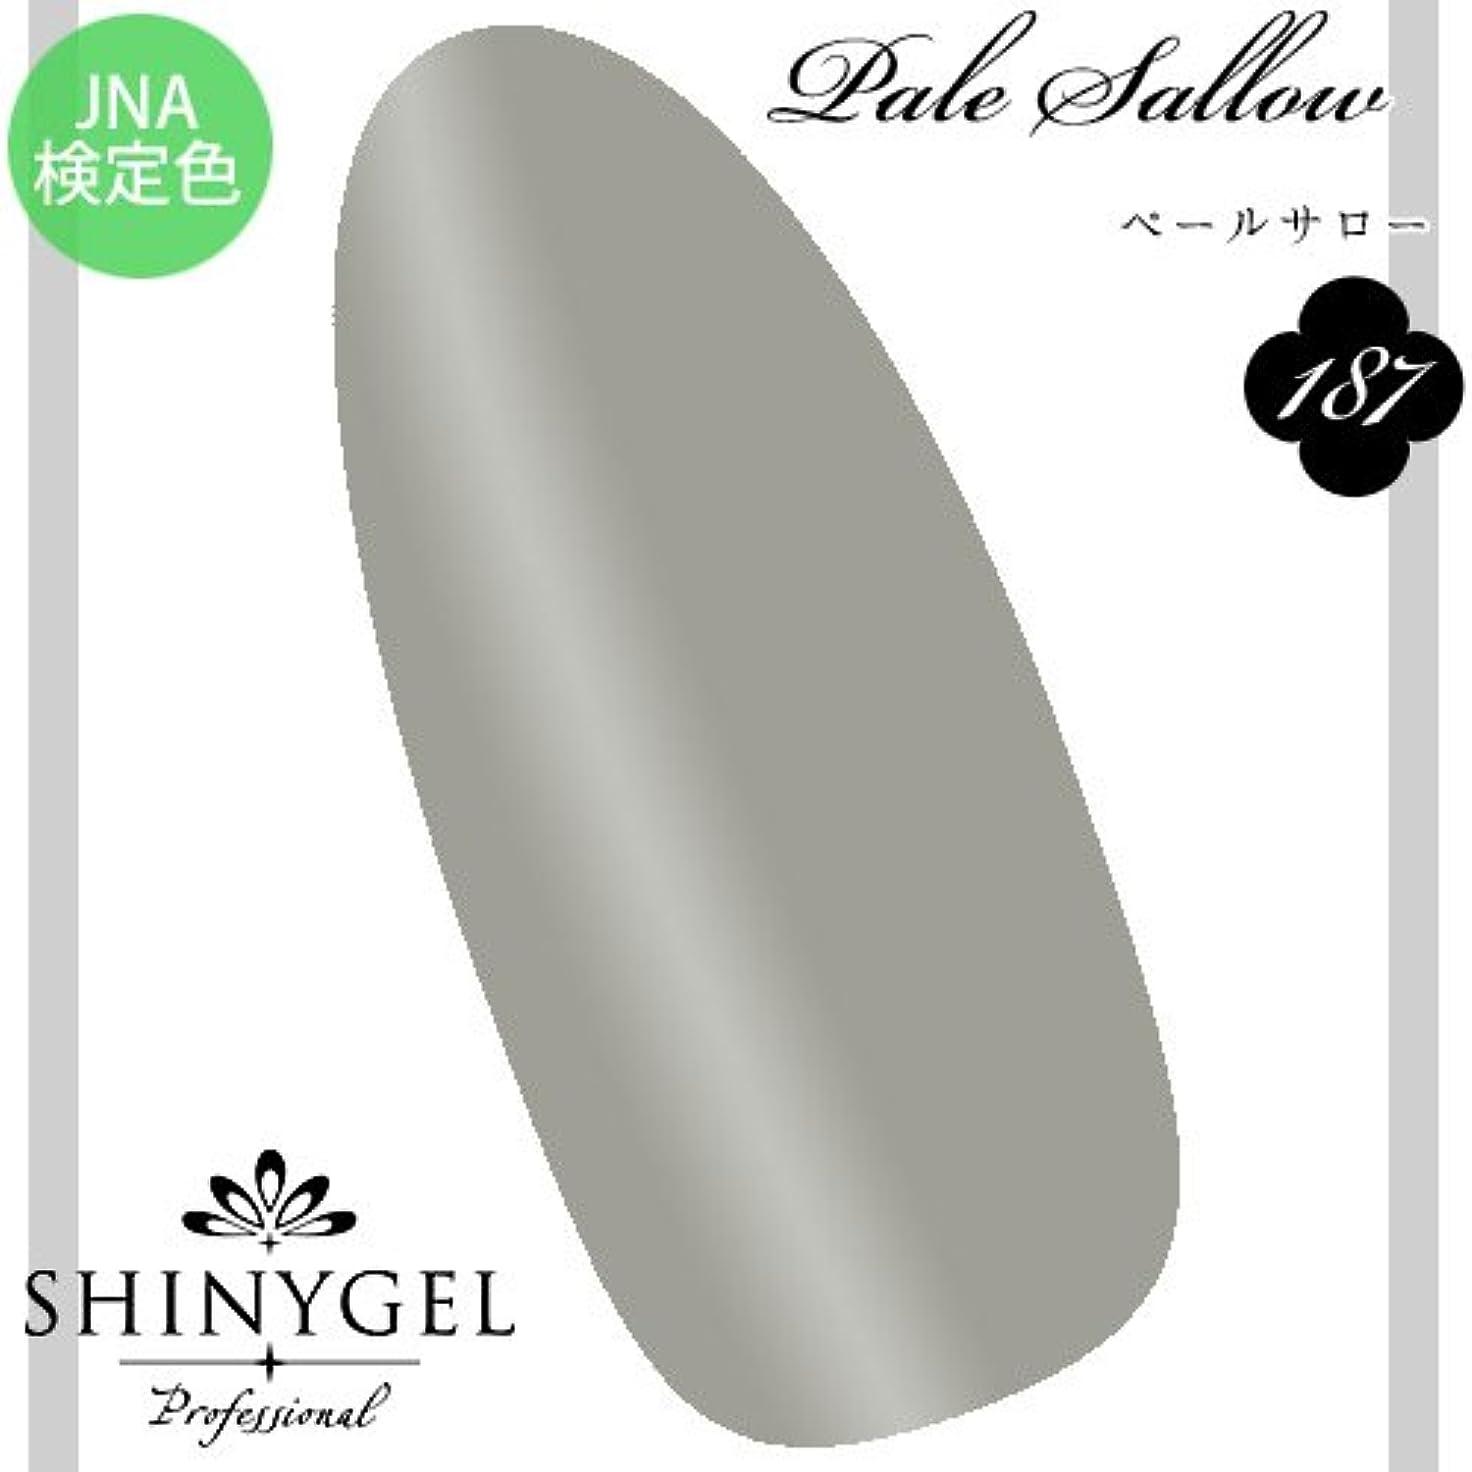 疫病内陸スプリットSHINY GEL カラージェル 187 4g ペールサロー 上品で落ち着いた印象を与える薄いグレー色 UV/LED対応 JNA検定色